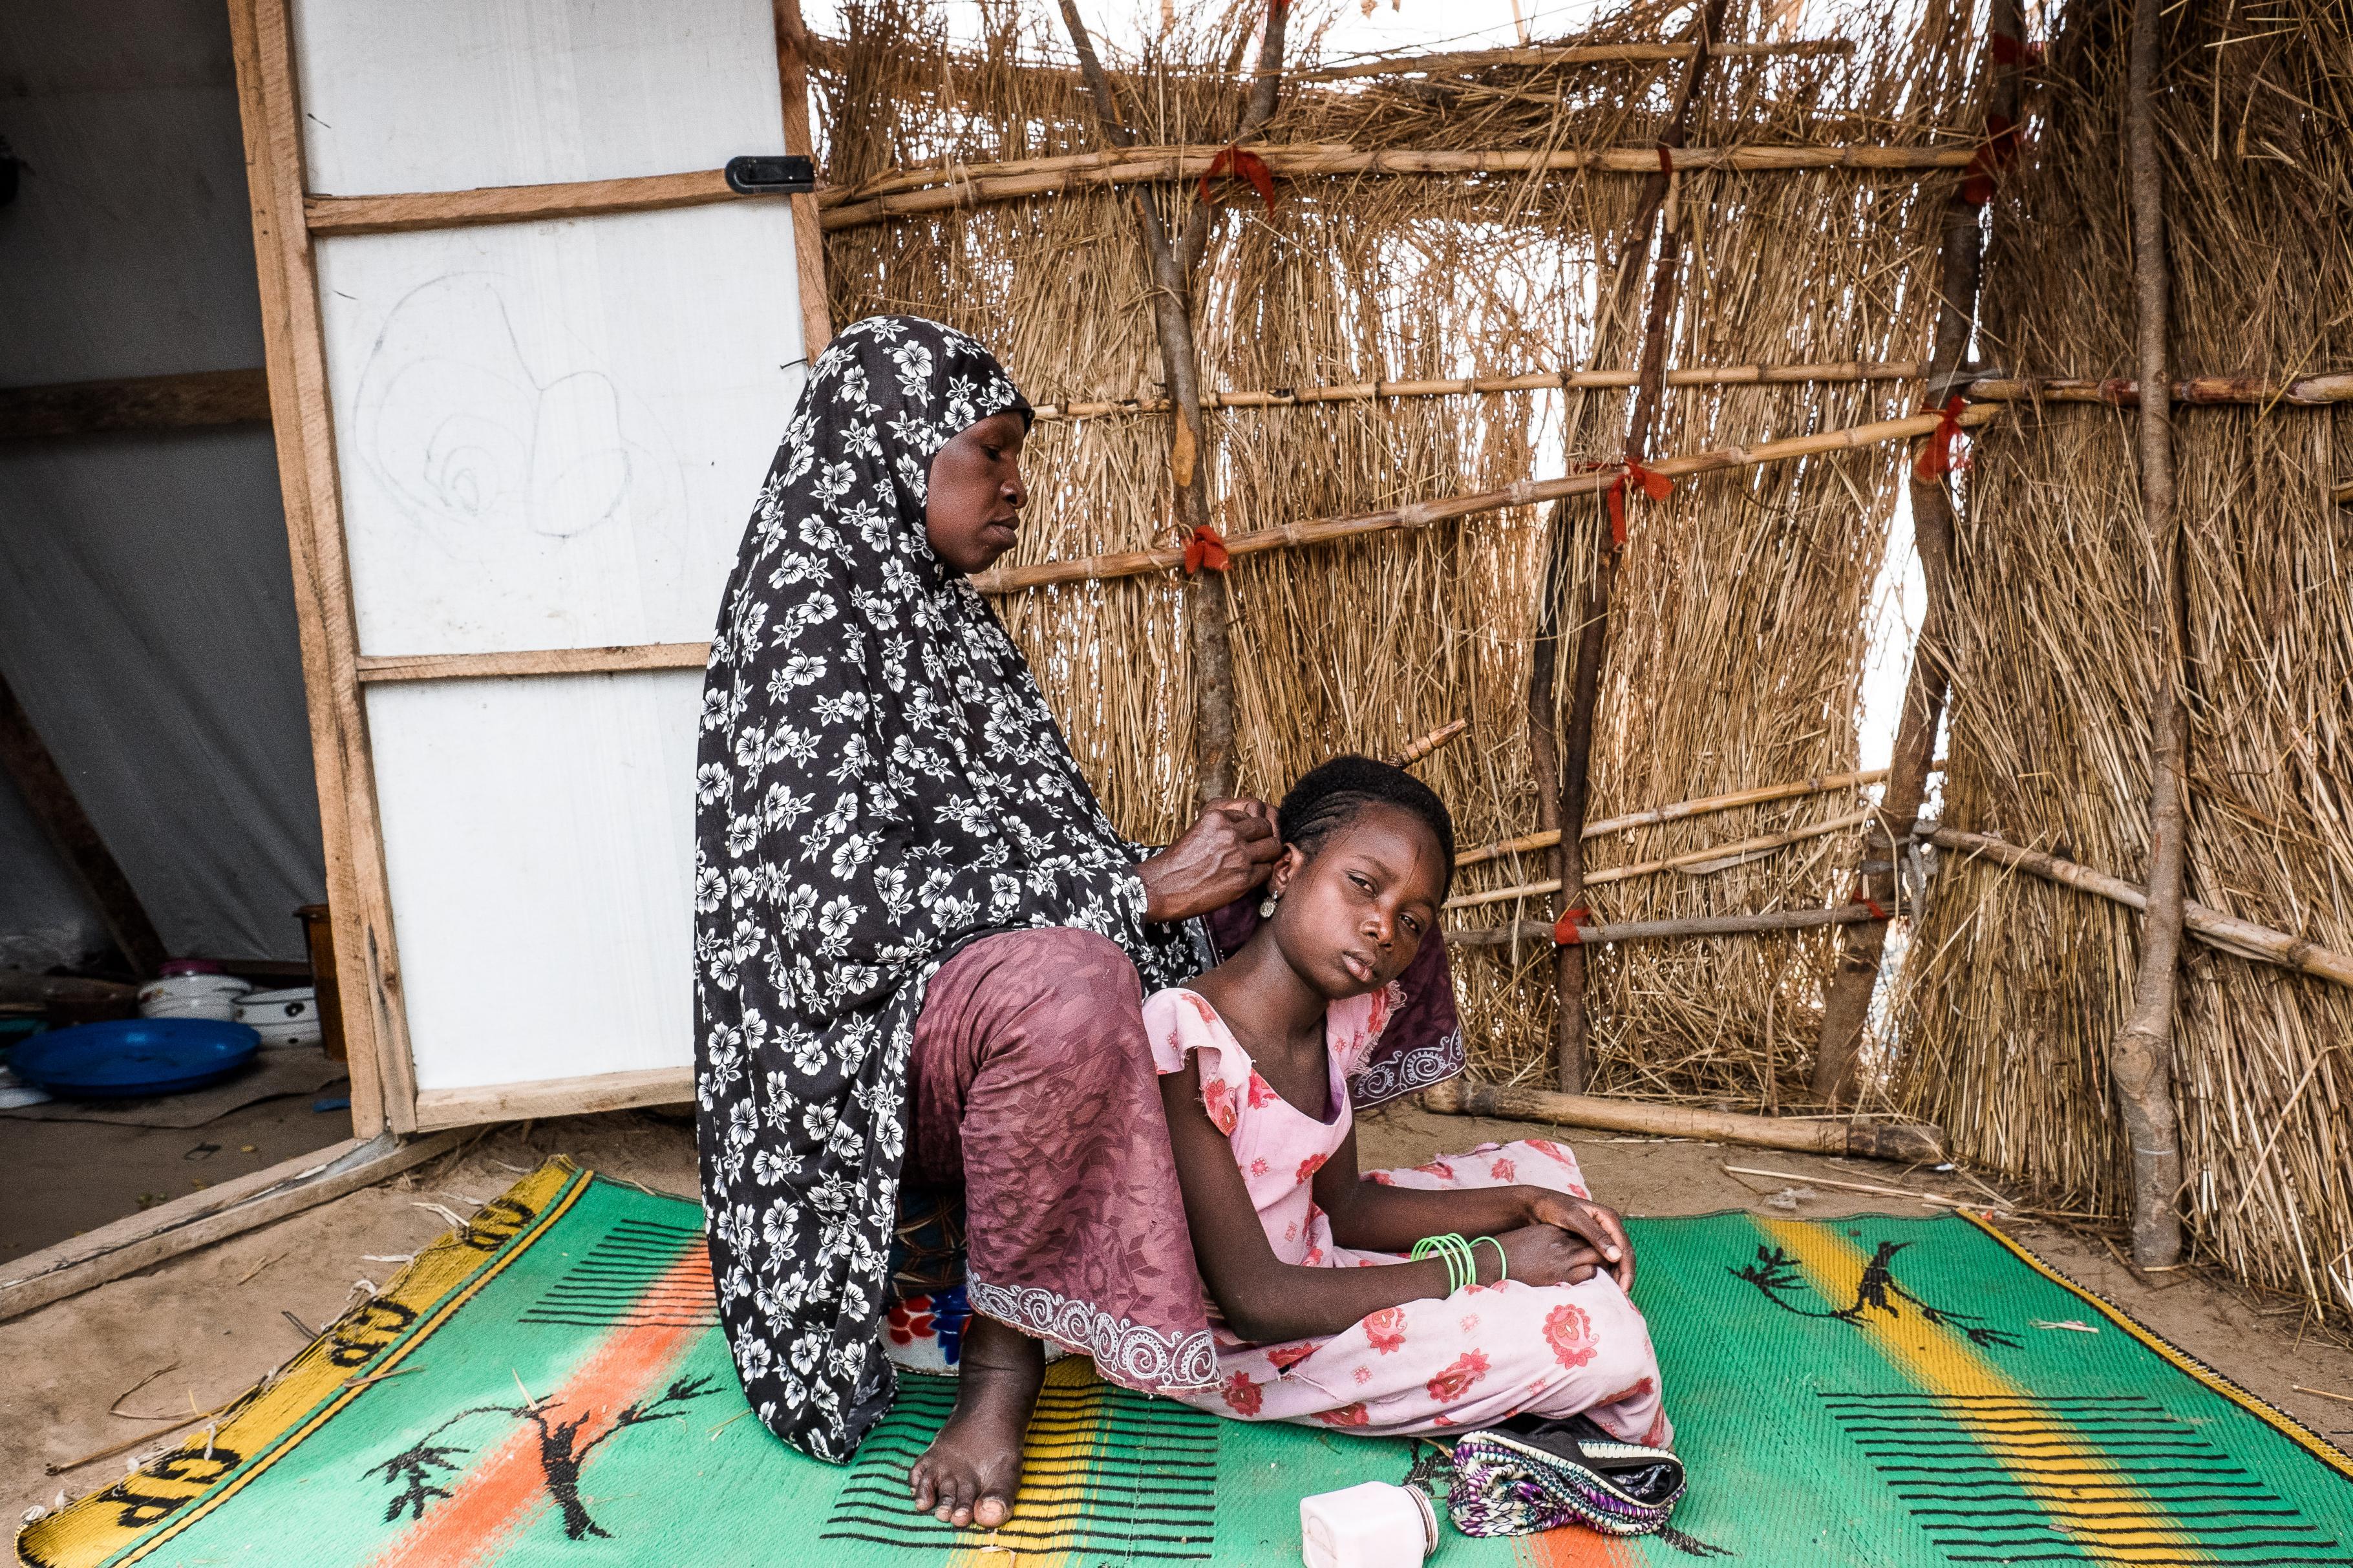 Hassana flechtet die Haare ihrer Tochter in einem Camp in Damboa in Nigeria